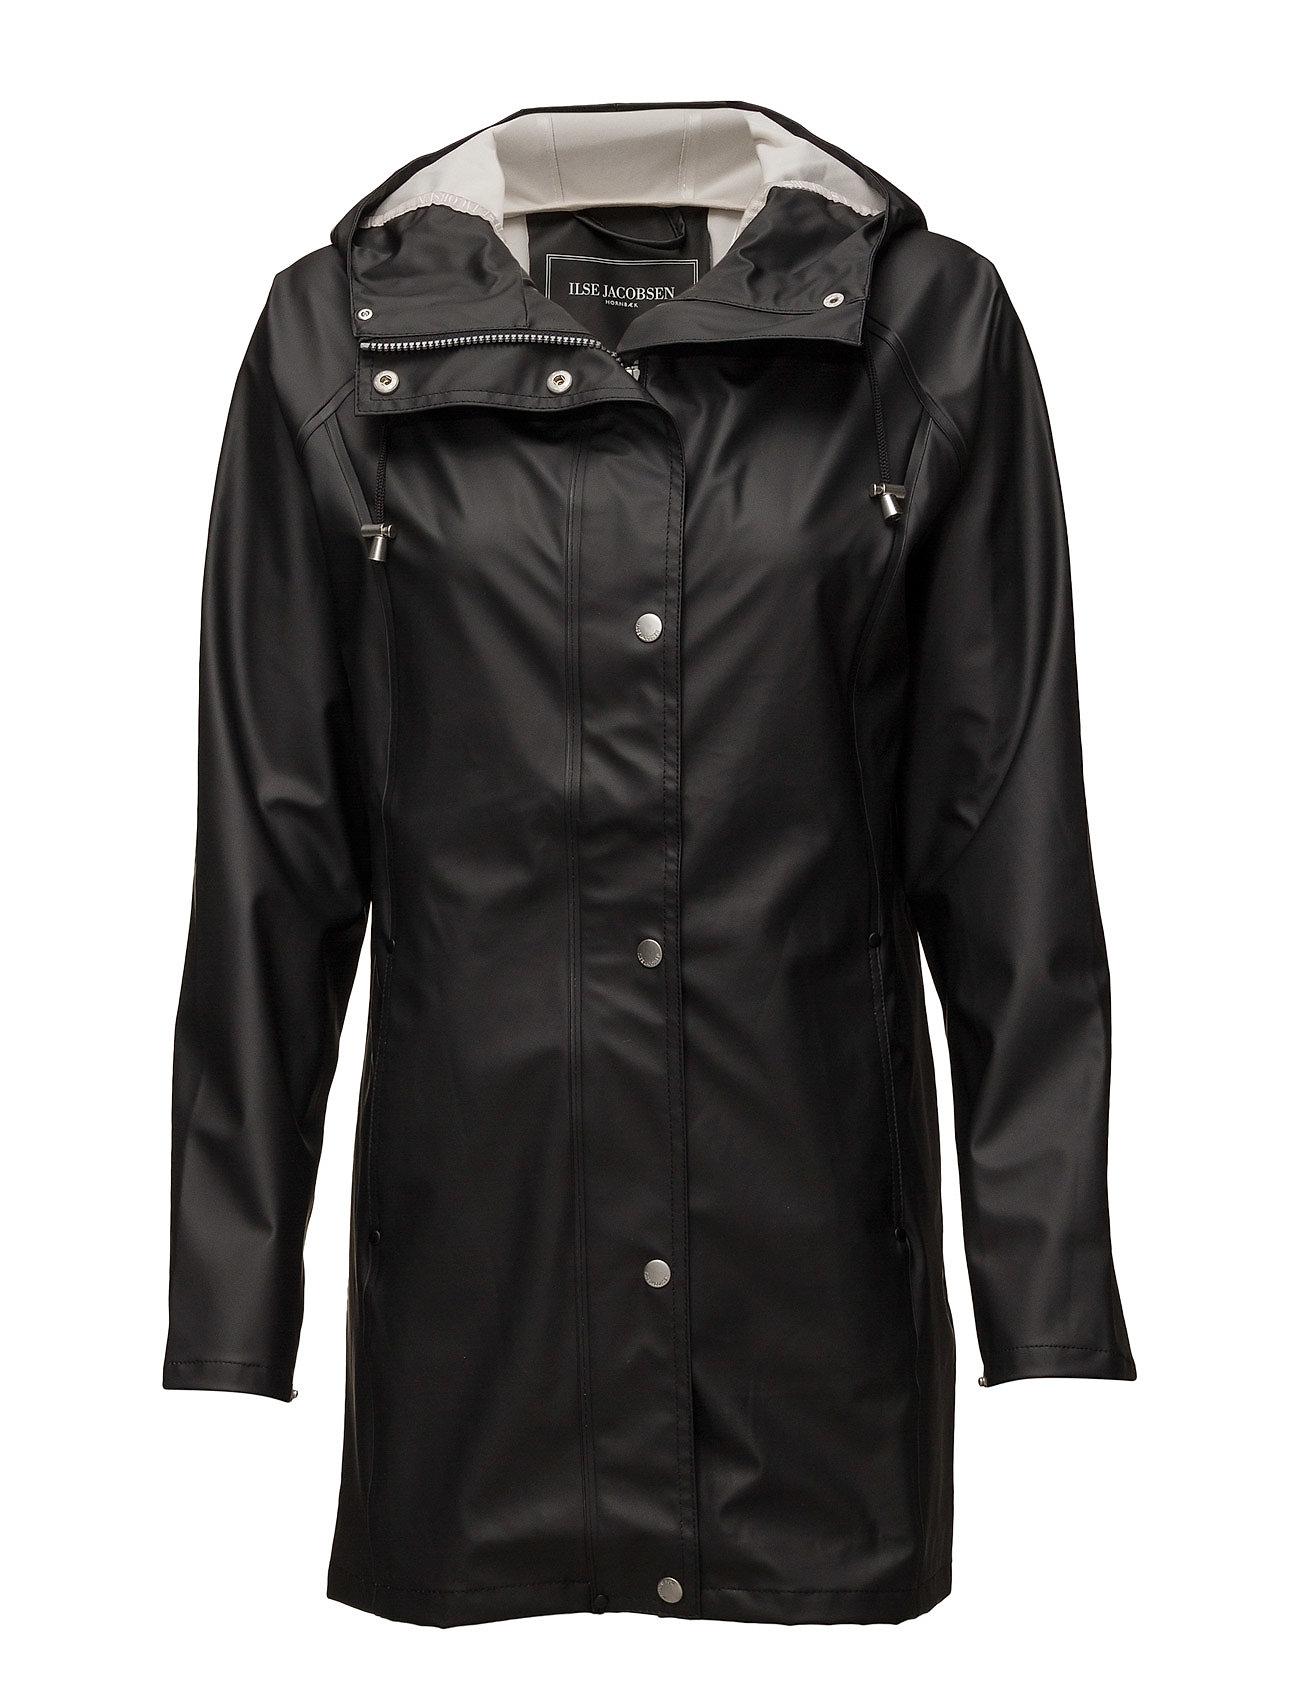 Rain Coat Ilse Jacobsen Duker til  - MoteJakten